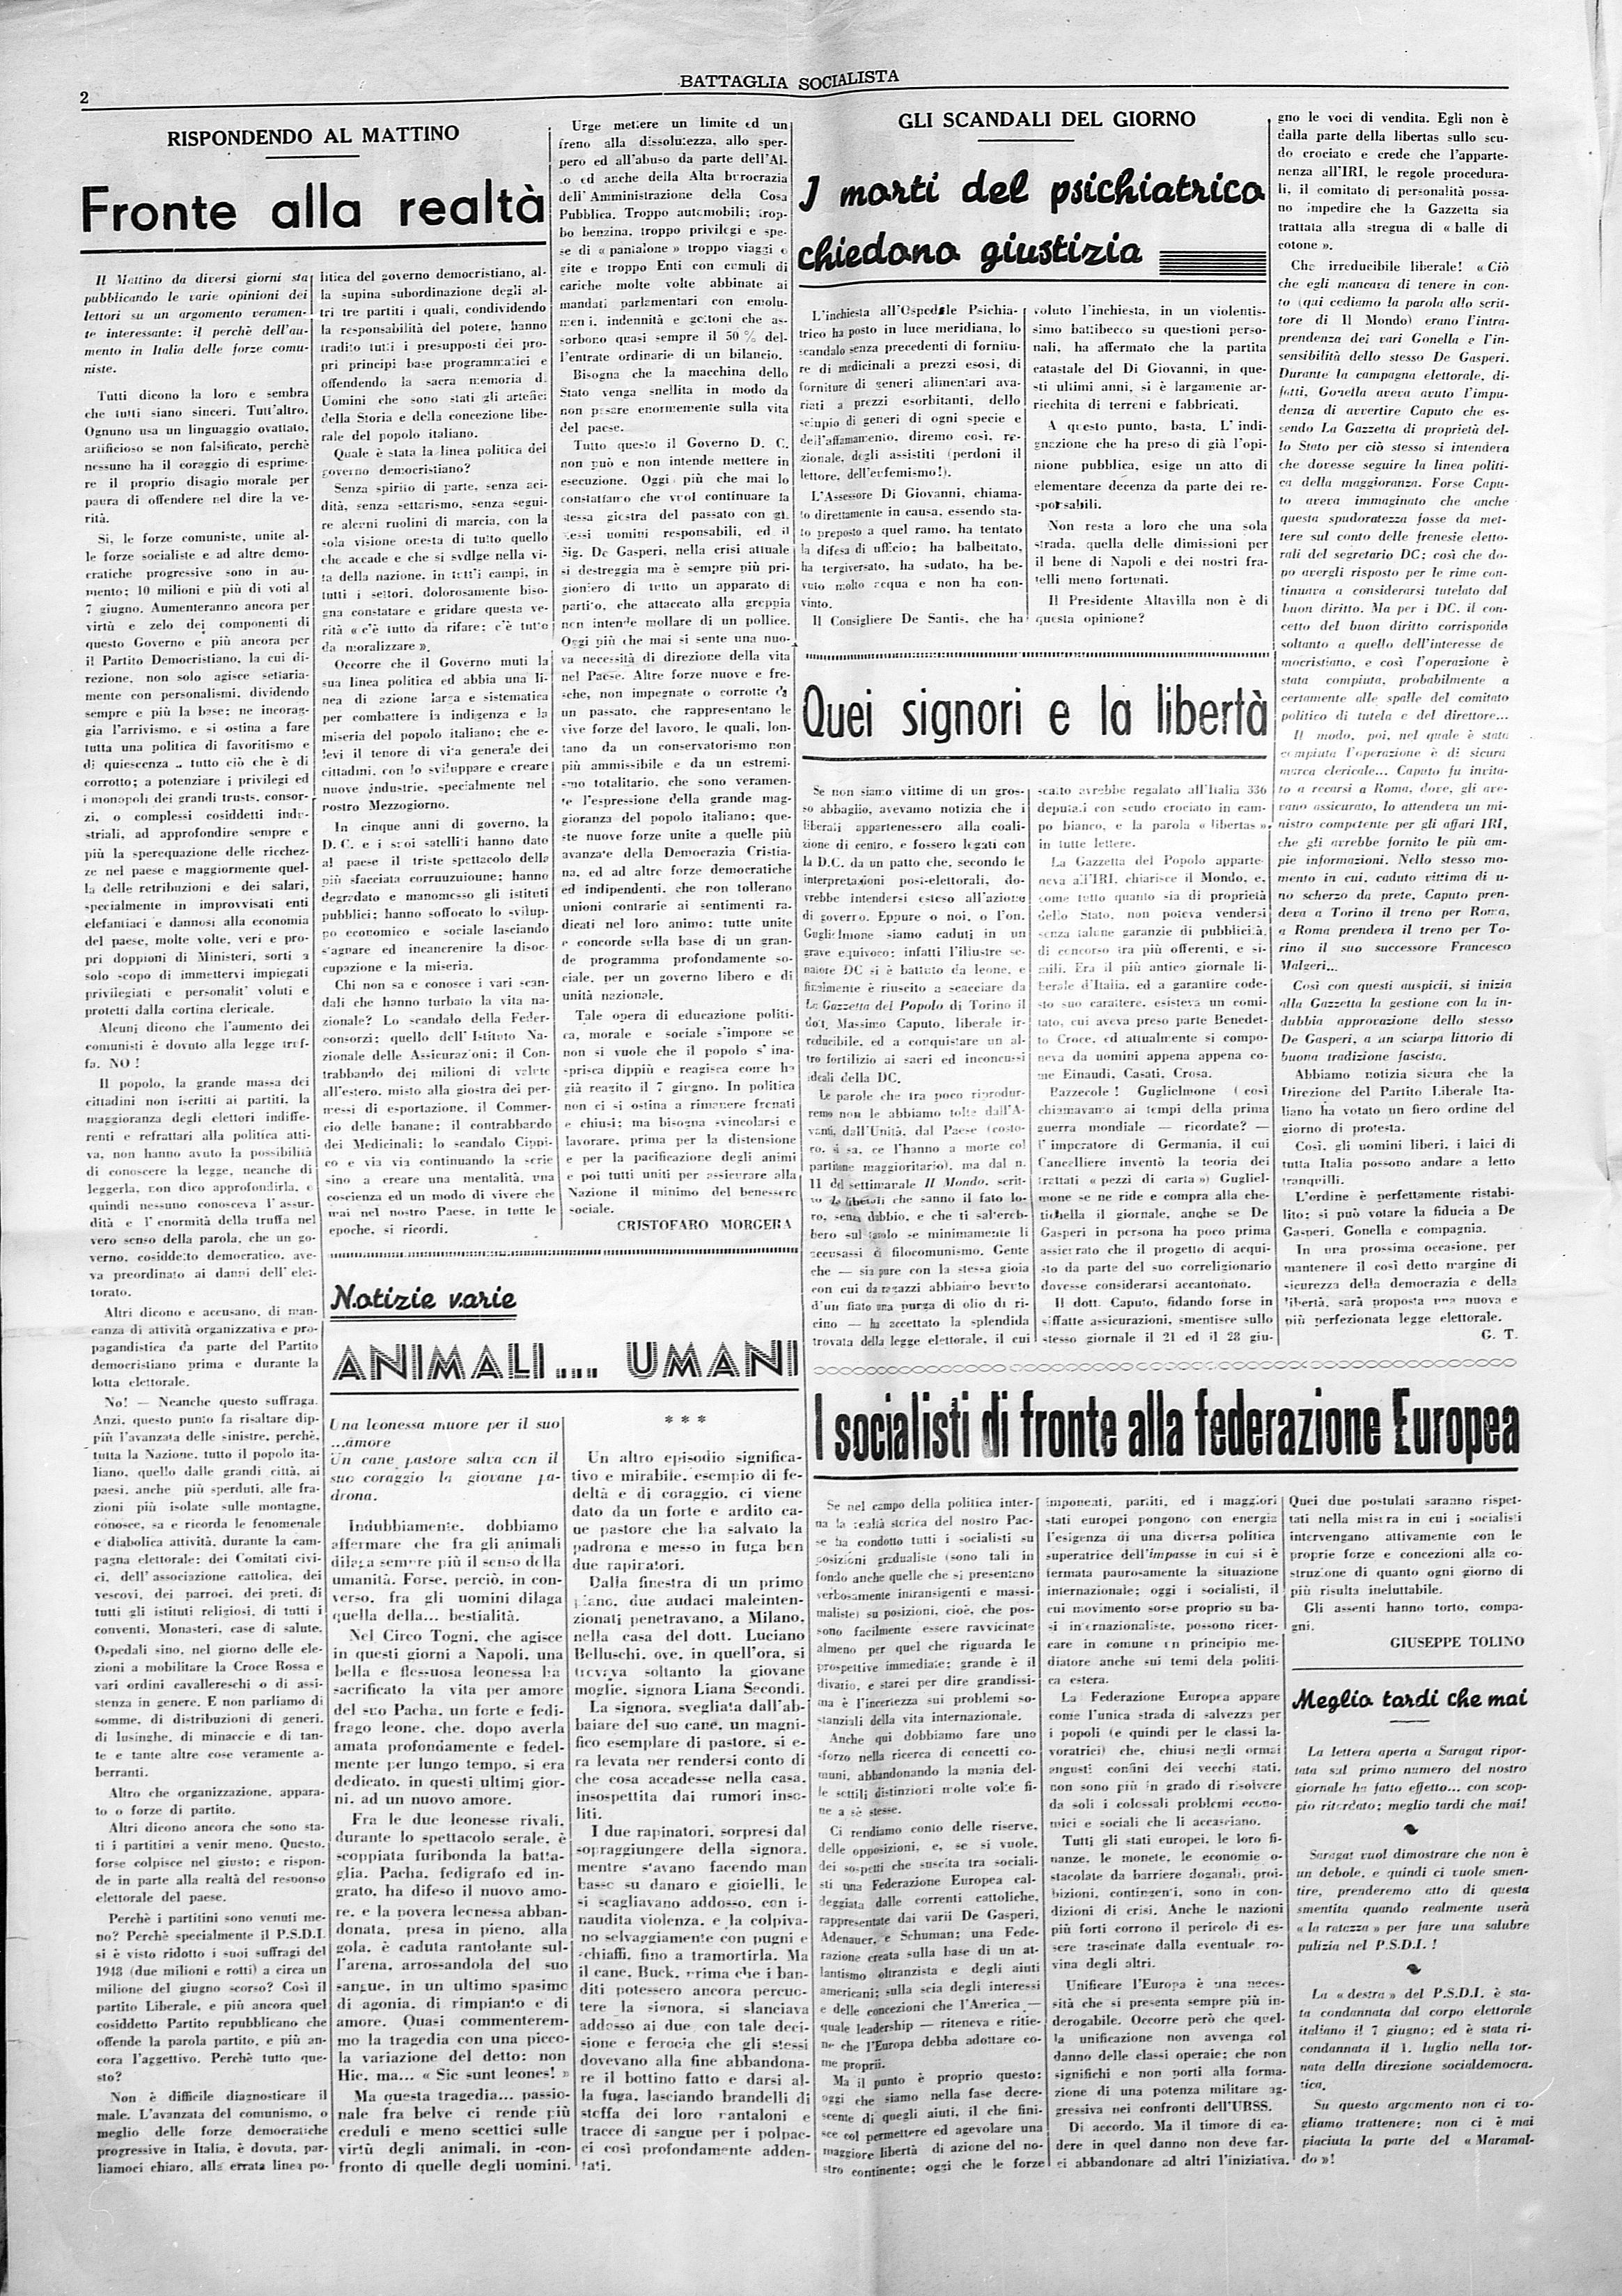 Battaglia Socialista luglio 1953 - pag. 02